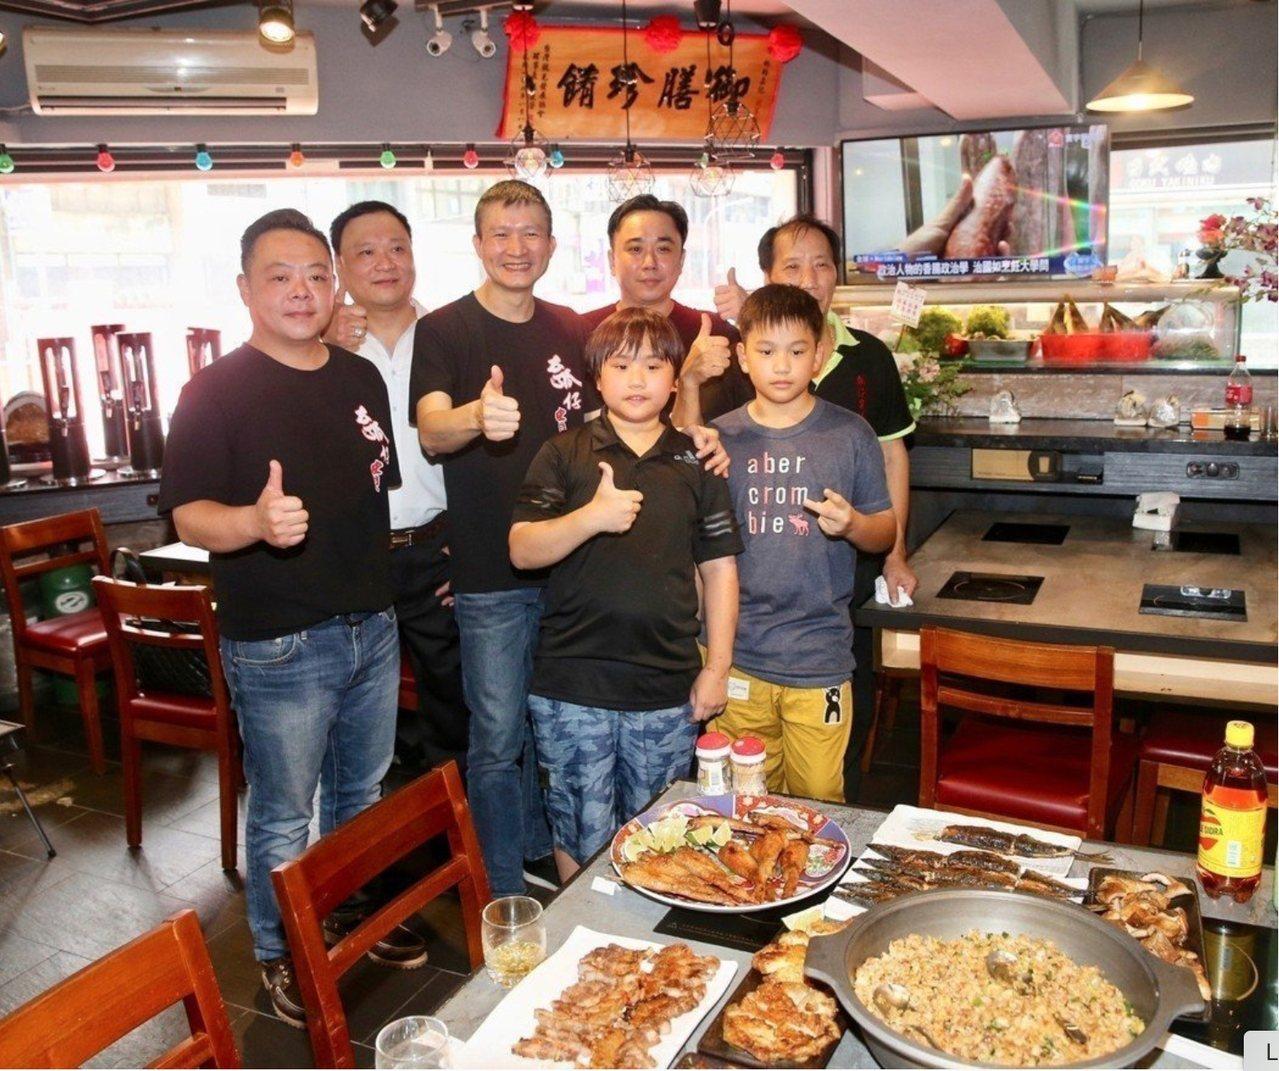 小彬彬燒烤店去年6月第三度風光開幕。本報資料照片